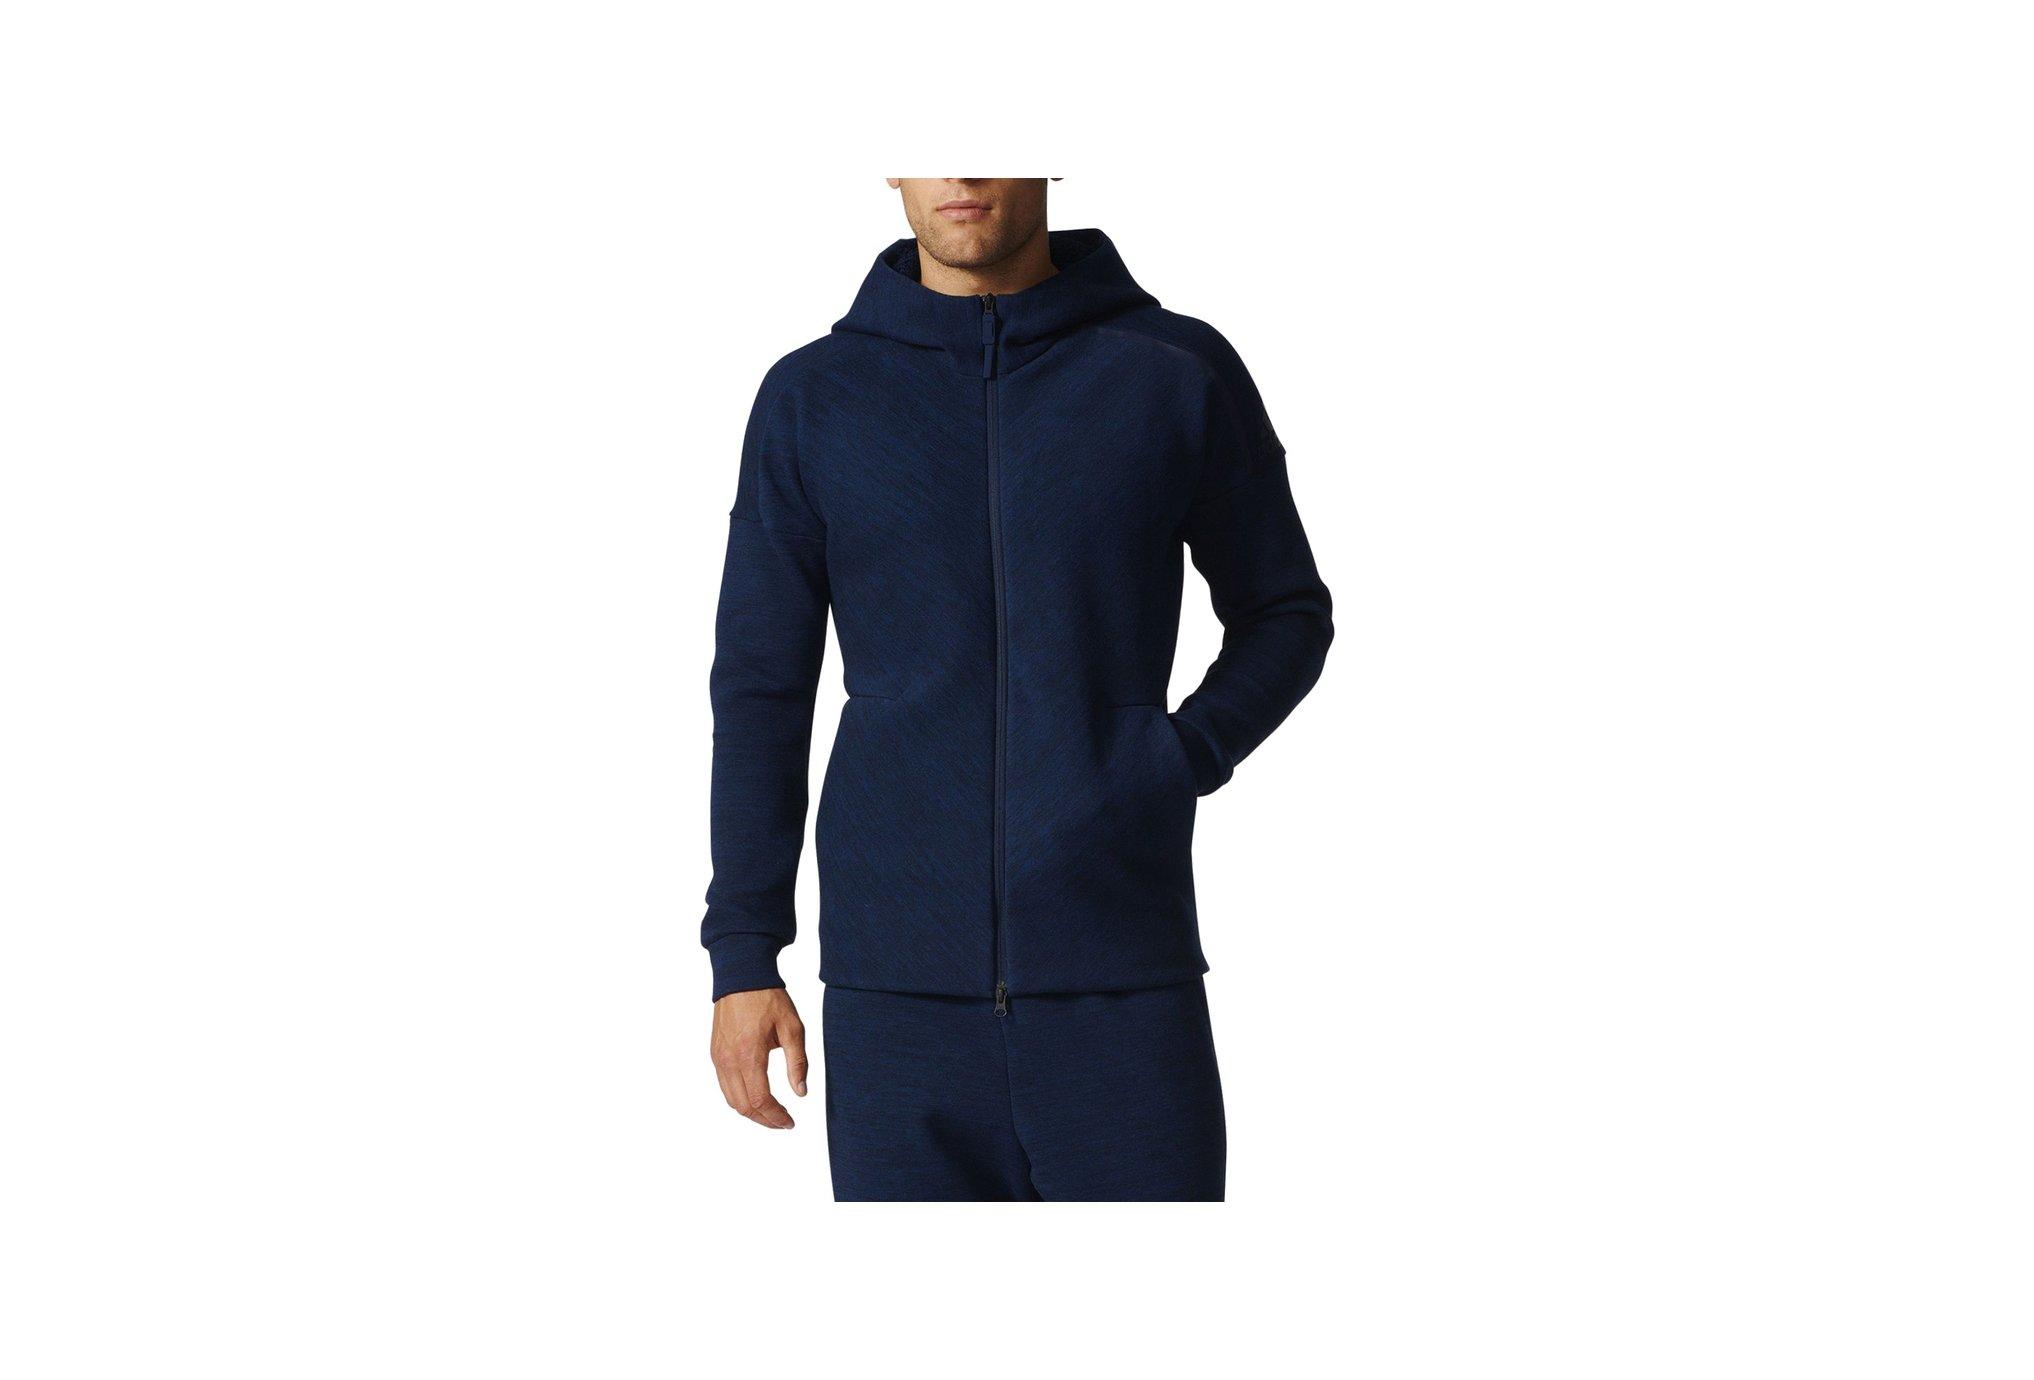 adidas Travel Z.N.E Diététique Vêtements homme